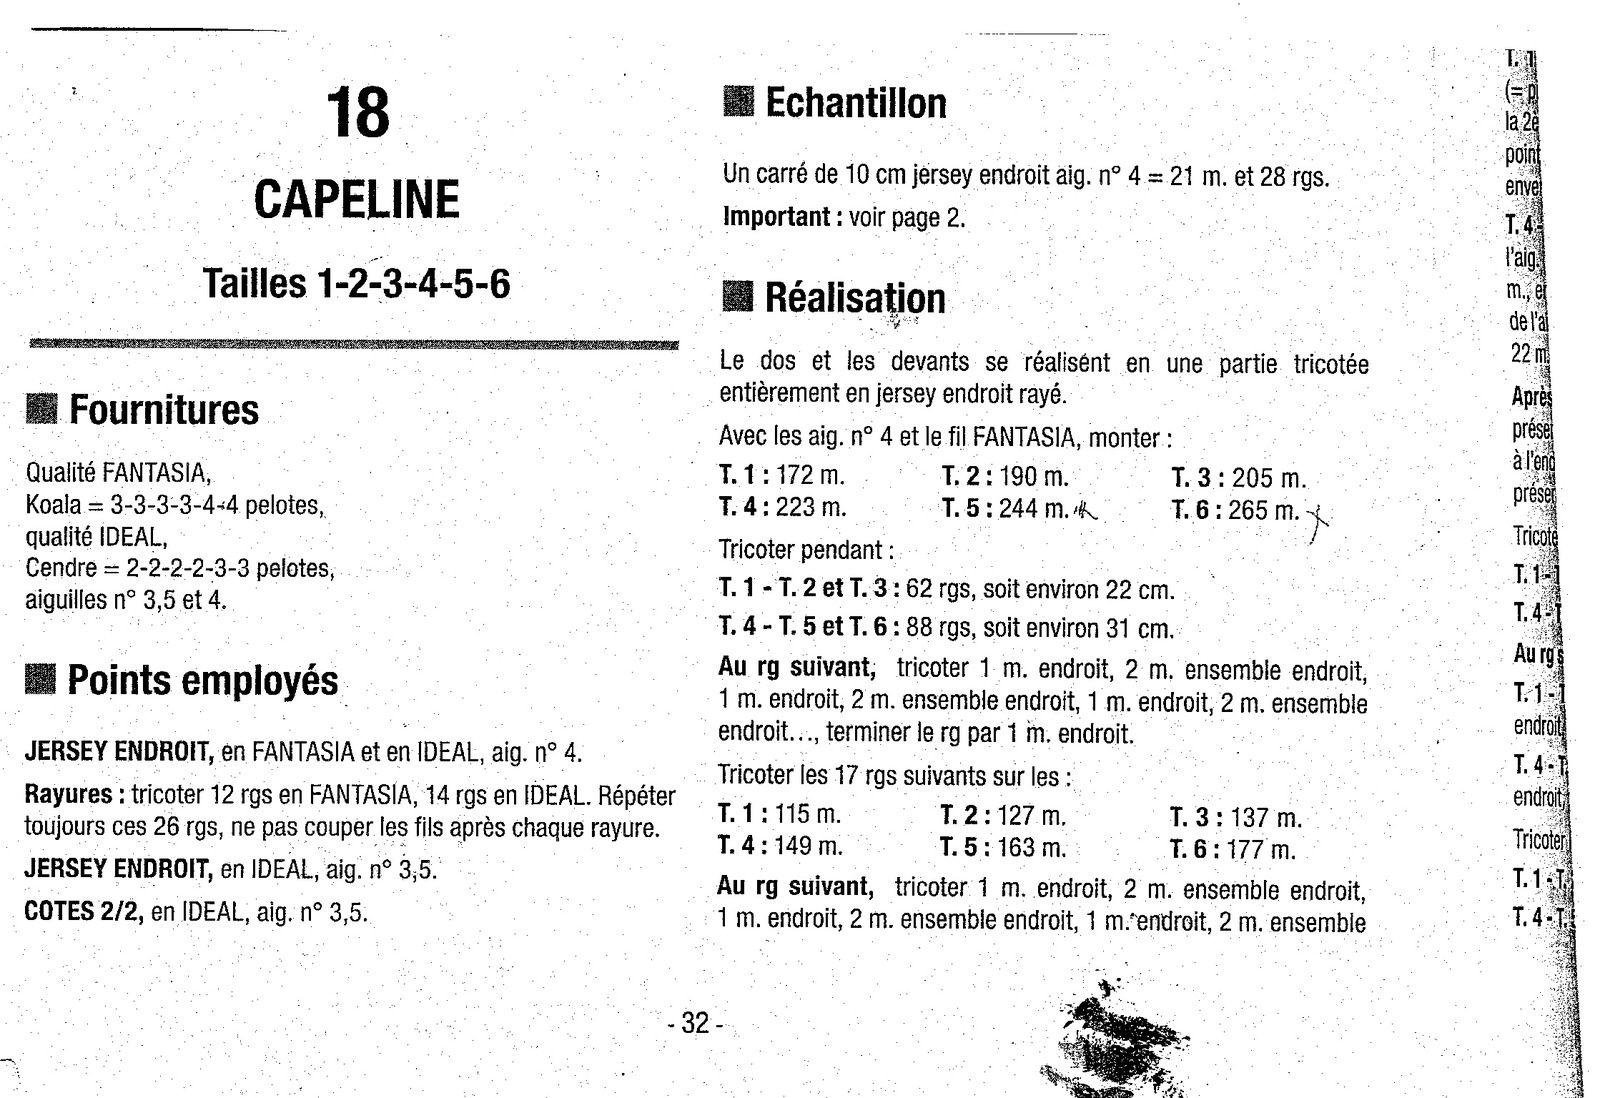 Explication Capeline fantasia BDF